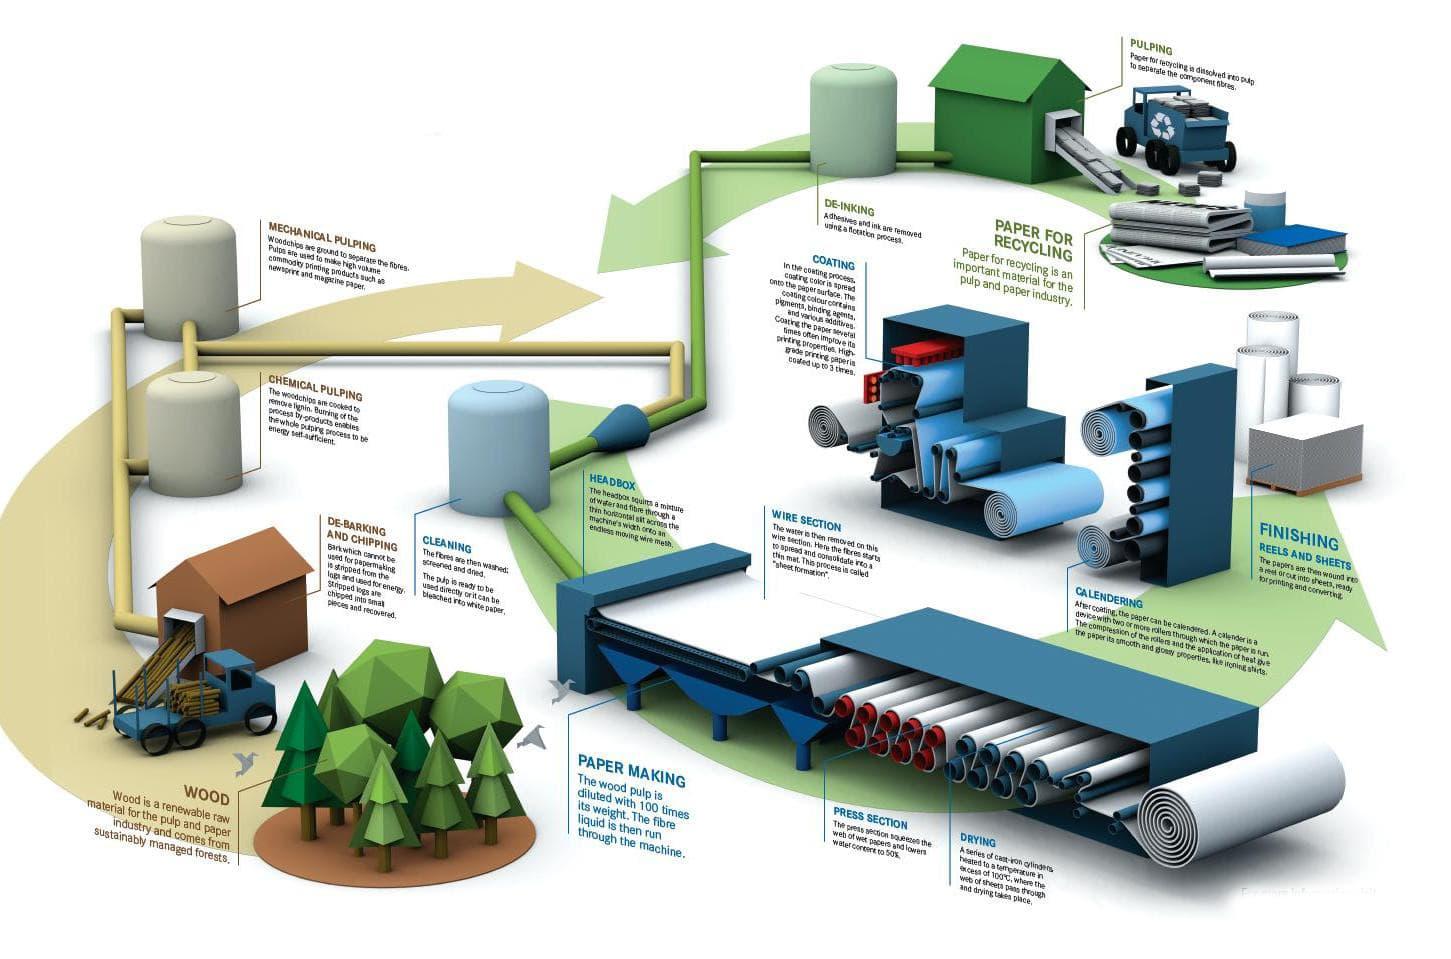 مواد ساخته شده و مصرفی در ساخت کاغذ از ابتدای تولید تا توزیع